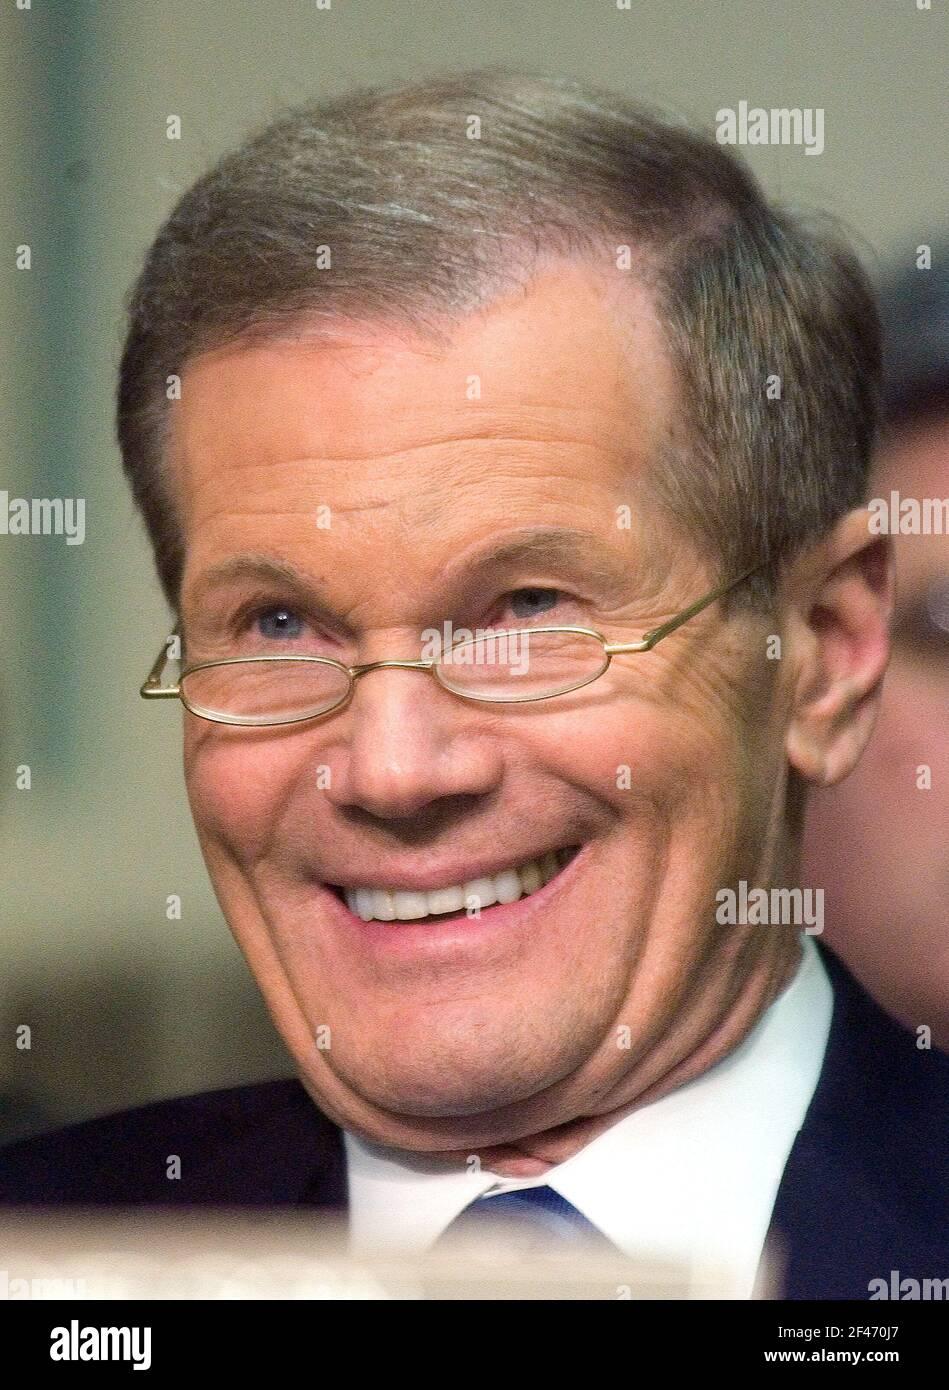 Le sénateur des États-Unis Bill Nelson (démocrate de Floride) écoute le témoignage de Carlos Gutierrez, secrétaire américain au Commerce, qui a été désigné pour remplacer Don Evans devant le Comité du Sénat des États-Unis sur le commerce, la science et les transports, à Washington, D.C., le 5 janvier 2004. .Credit: Ron Sachs / CNP   utilisation dans le monde entier Banque D'Images